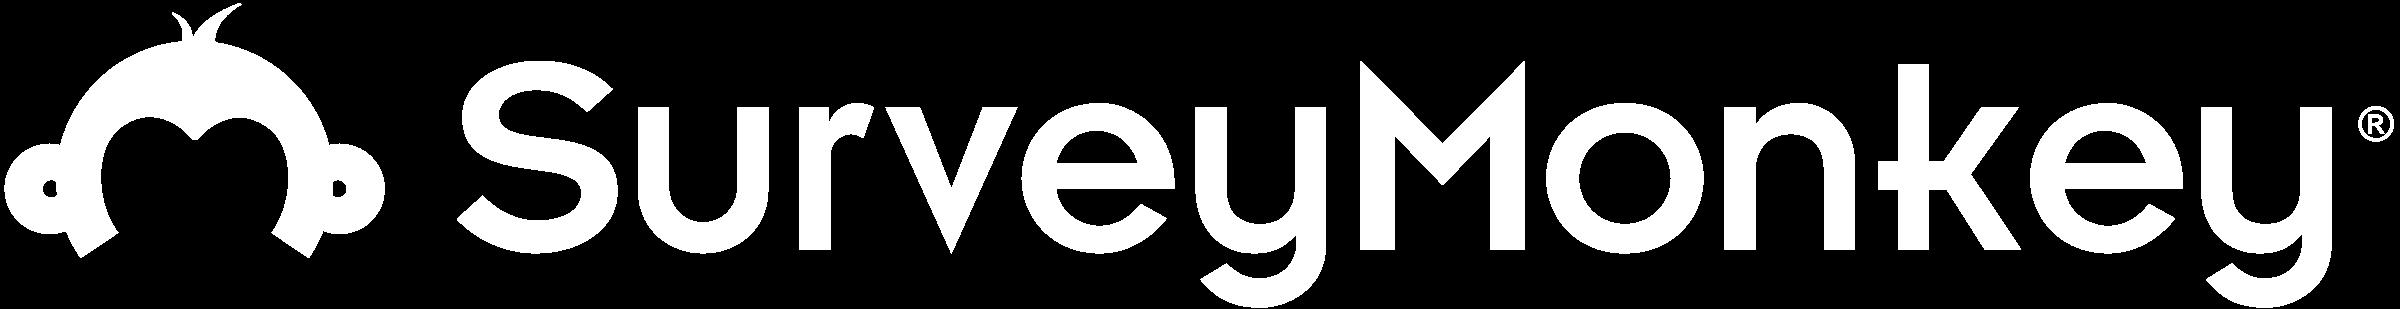 surveymonkey logo black and white